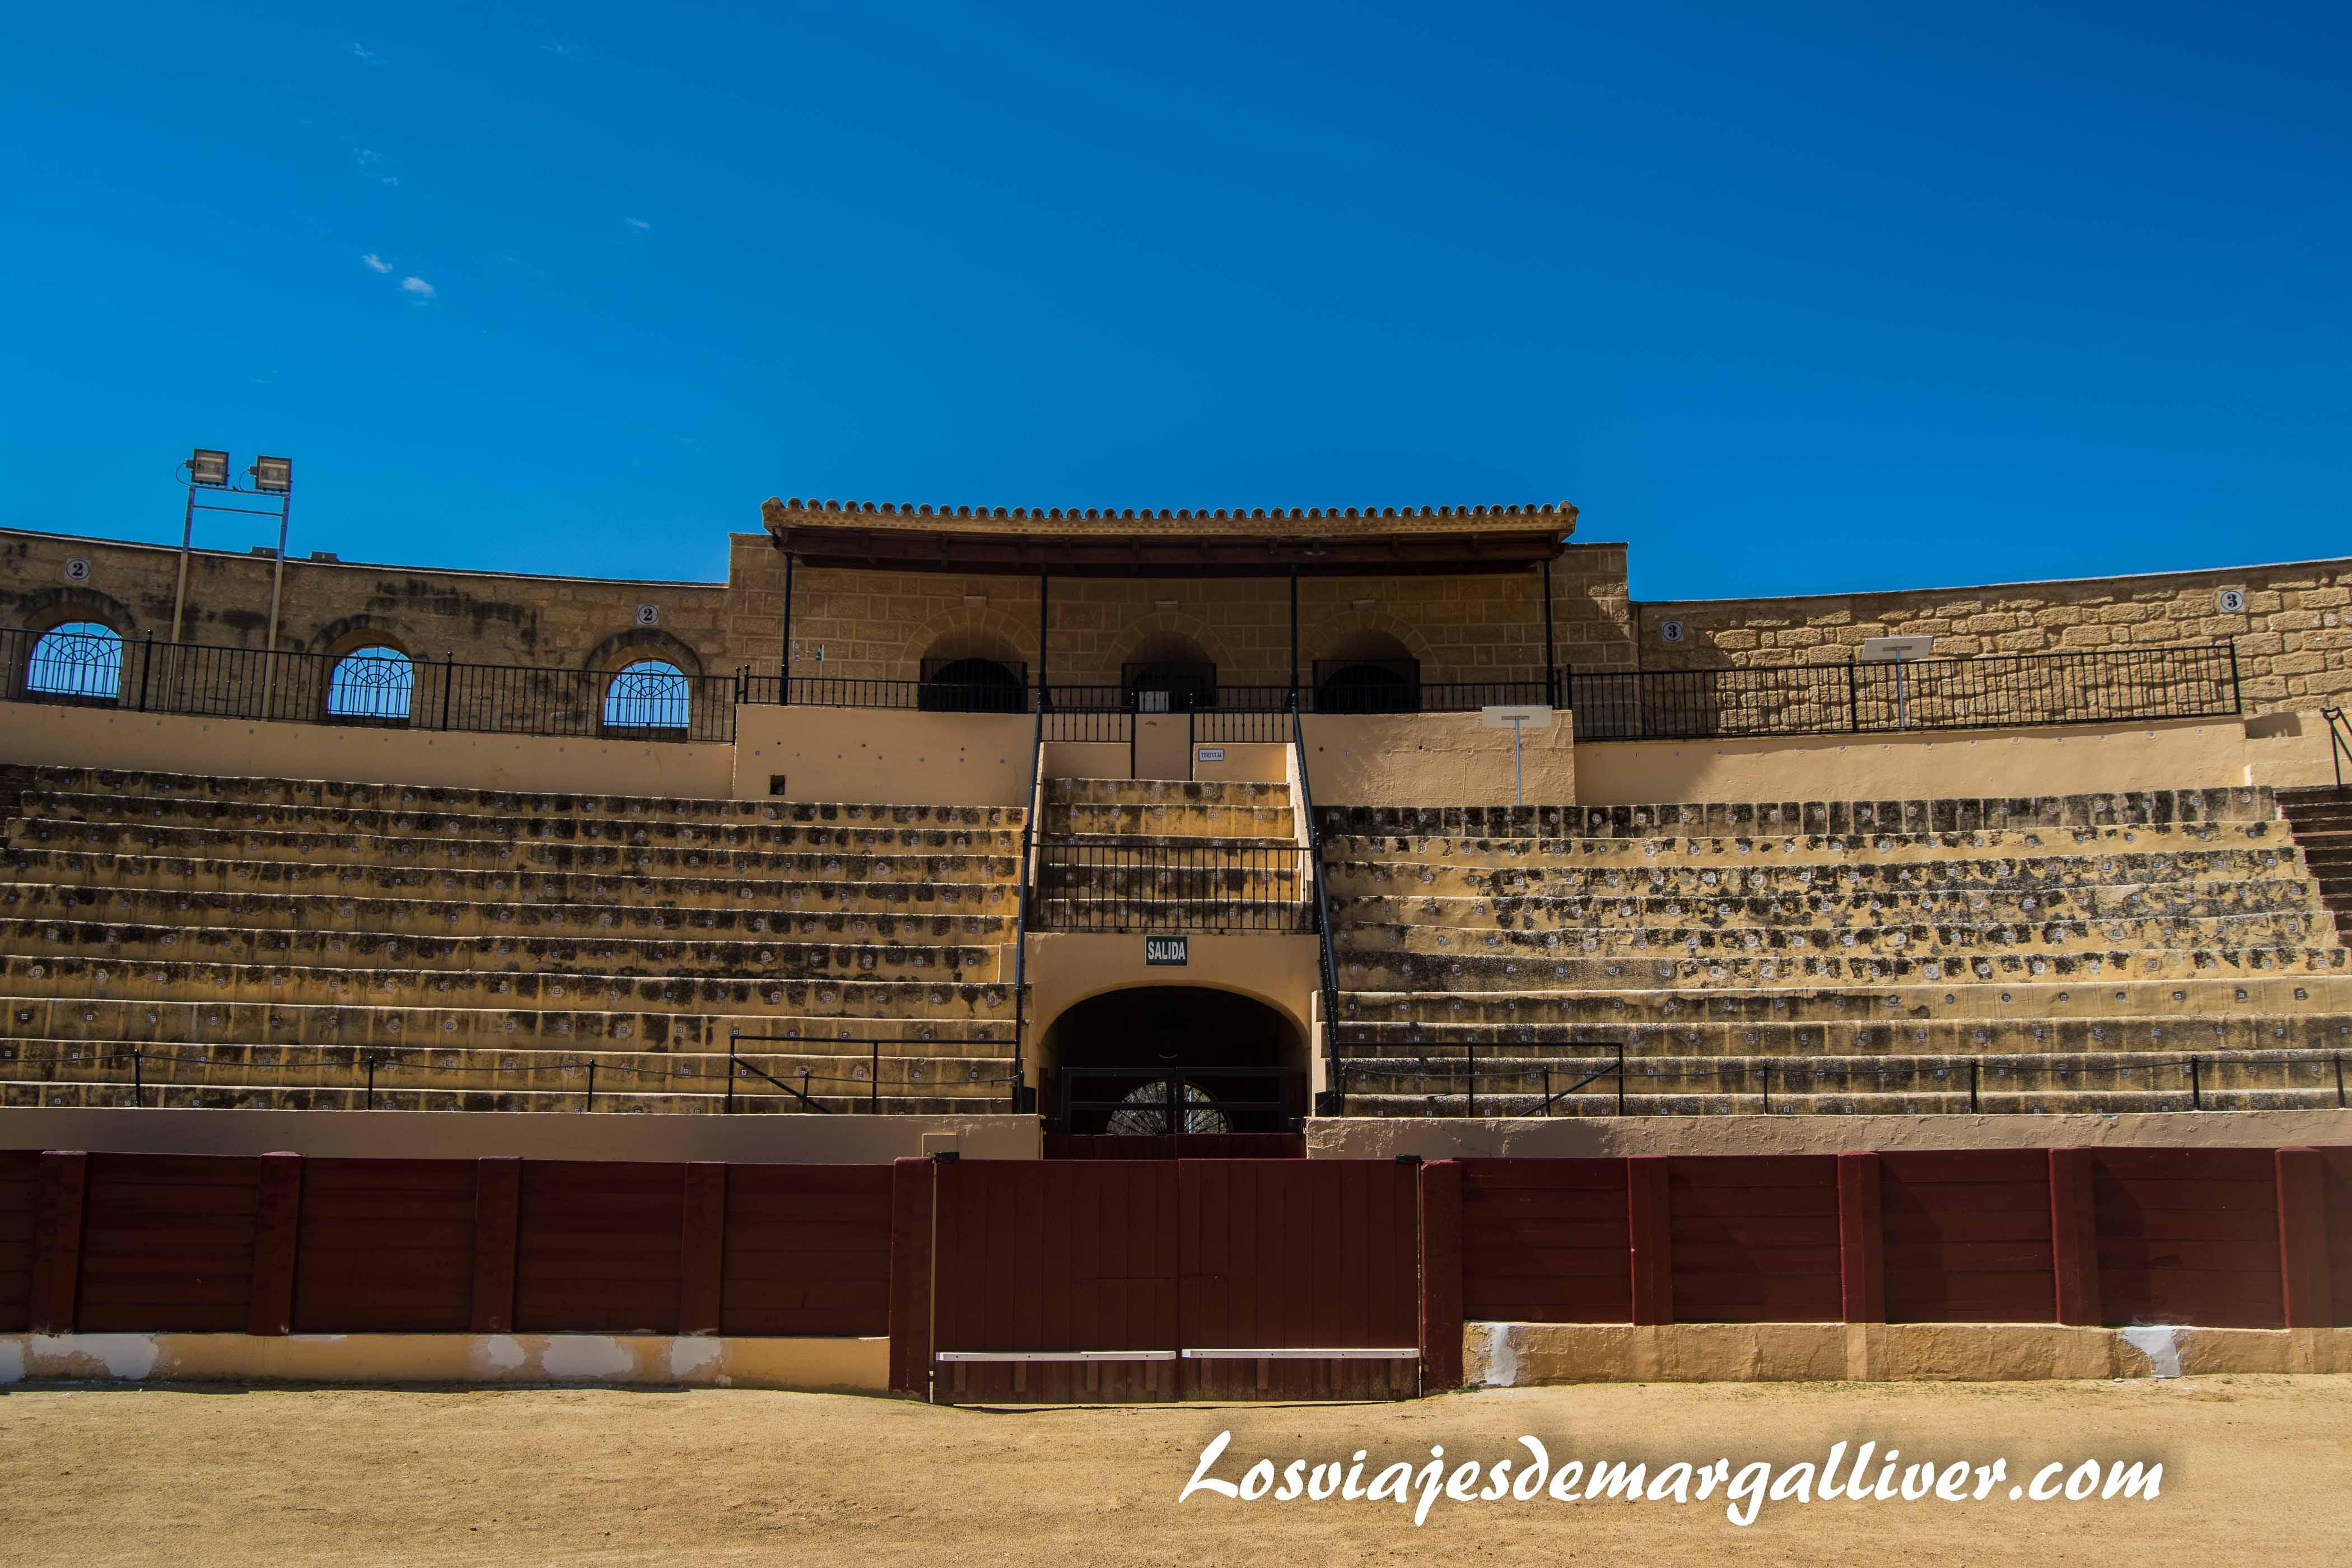 plaza de Toros de Osuna en la ruta de juego de Tronos - Los viajes de Margalliver